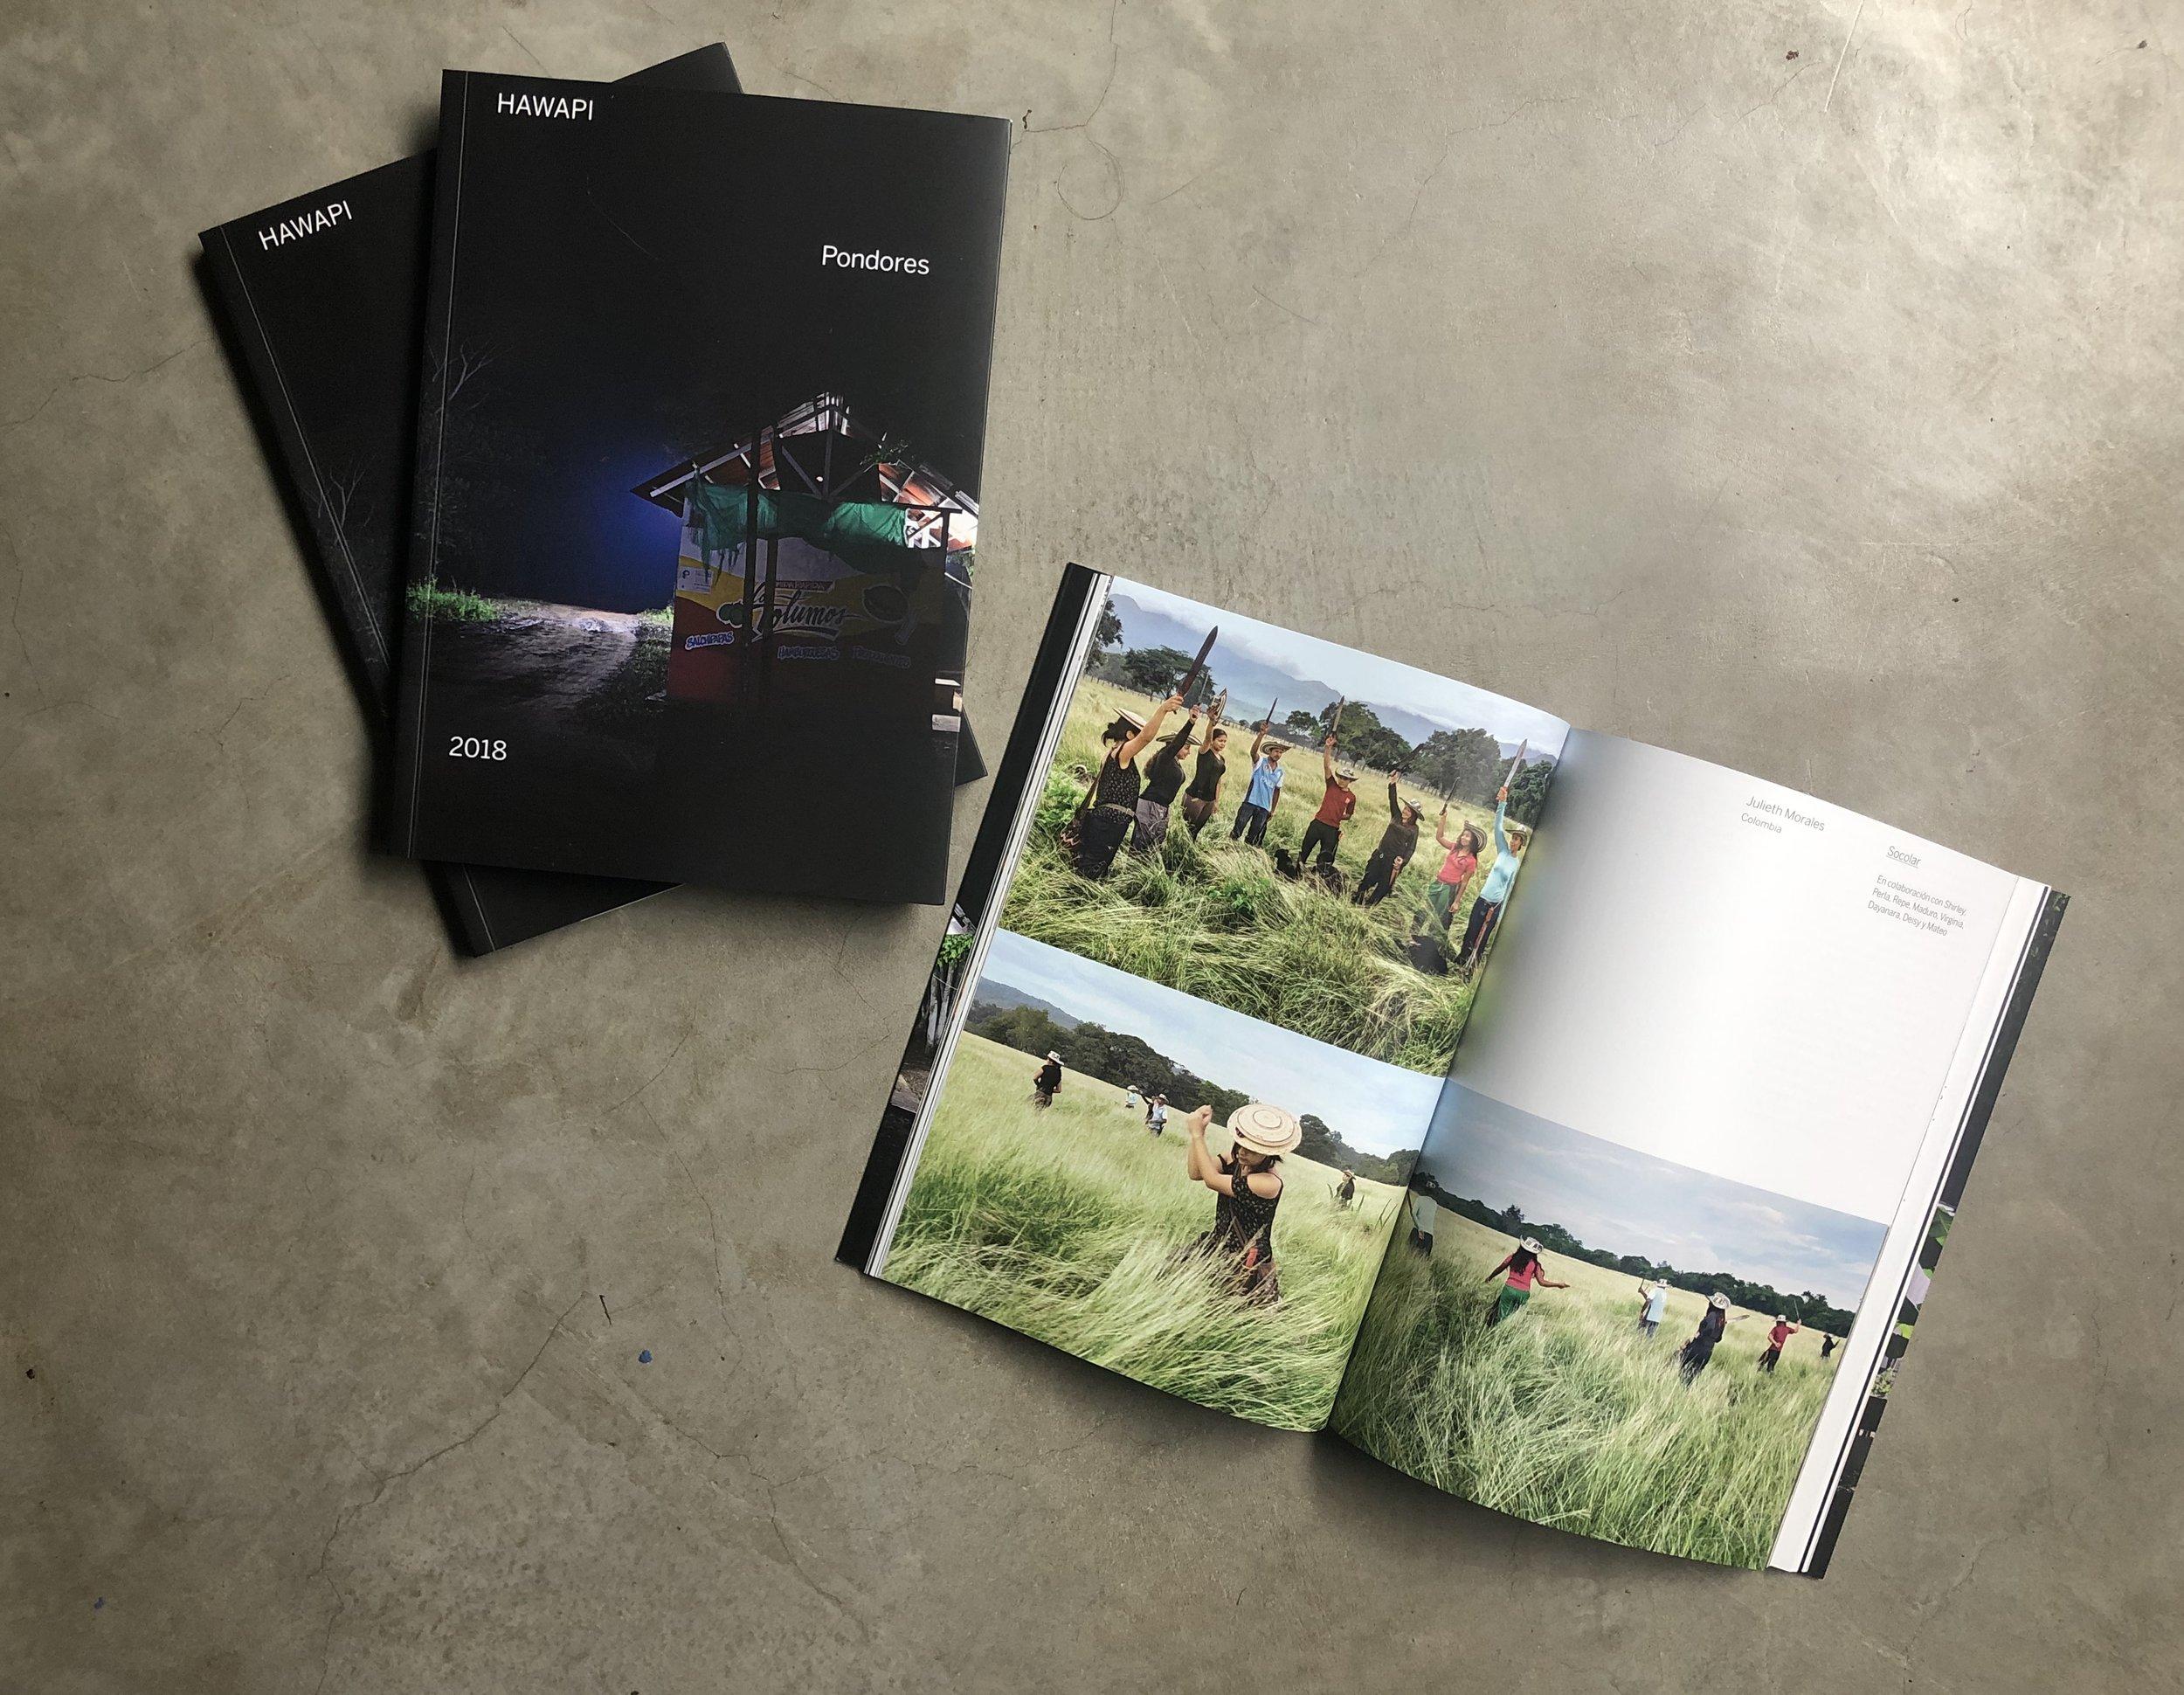 Publication HAWAPI 2018 - Pondores